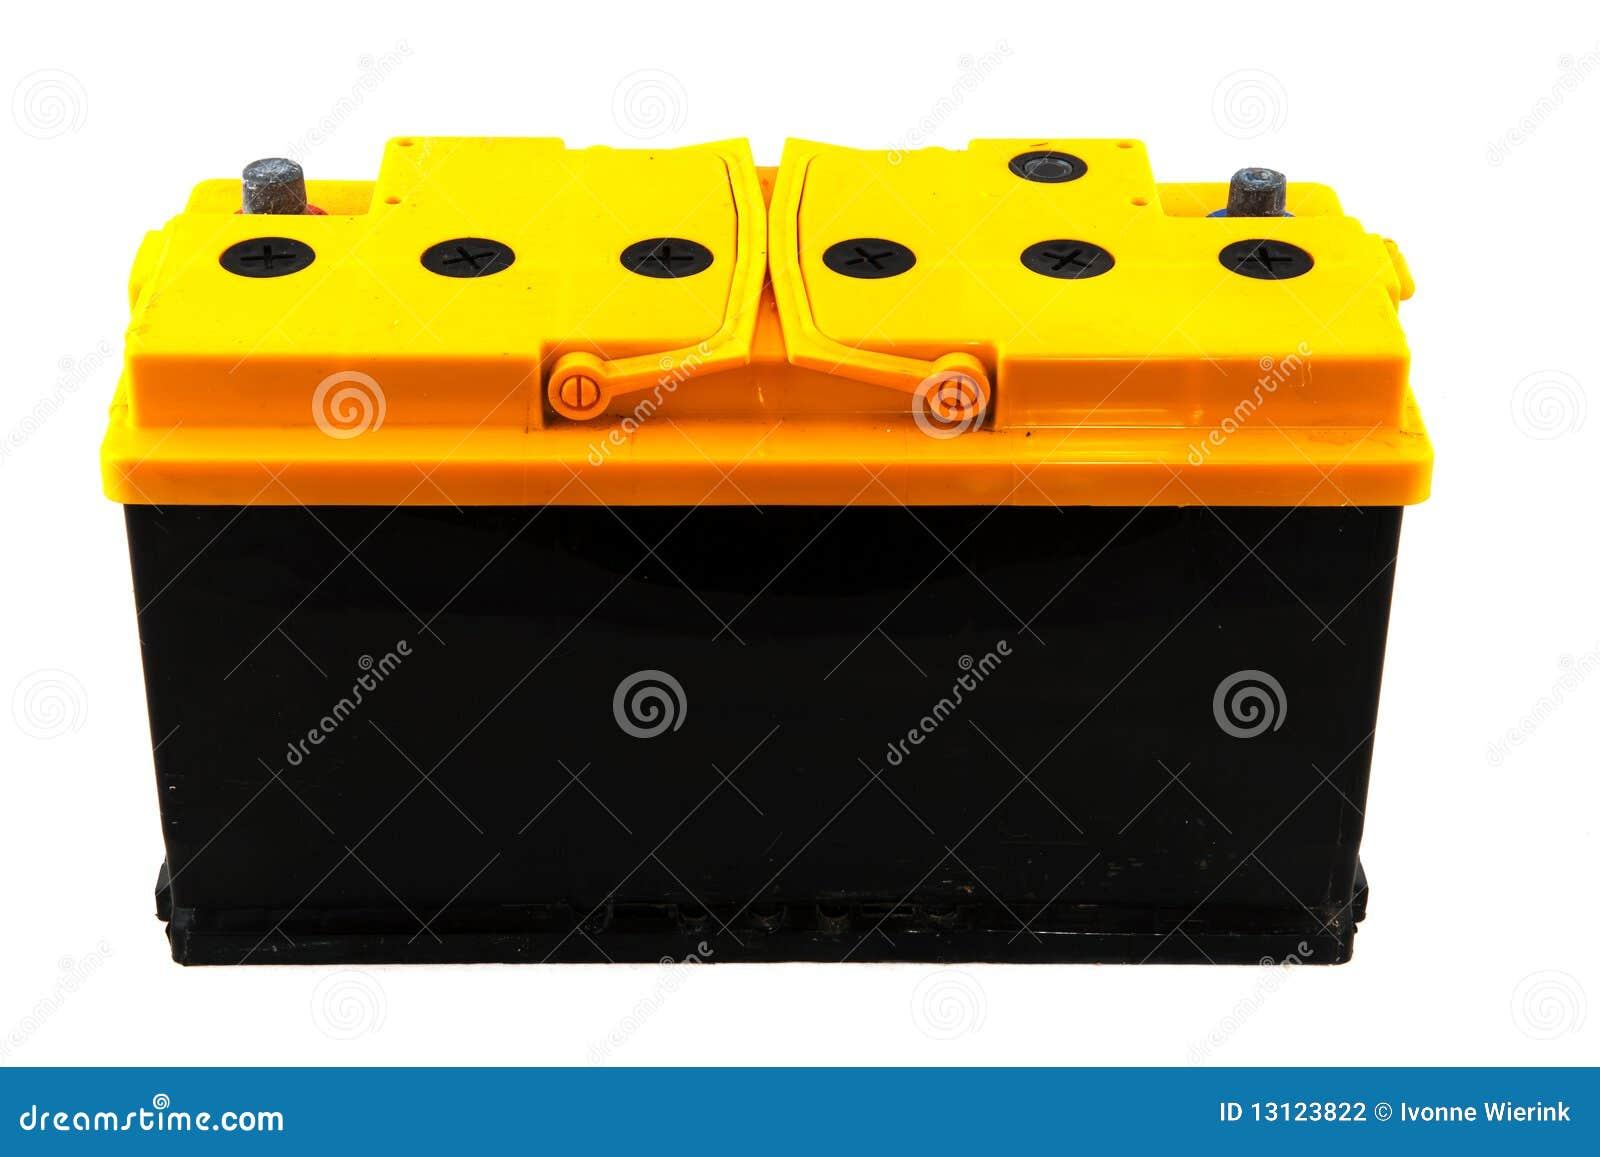 Laden der Batterie stockfoto. Bild von energie, batterie - 13123822